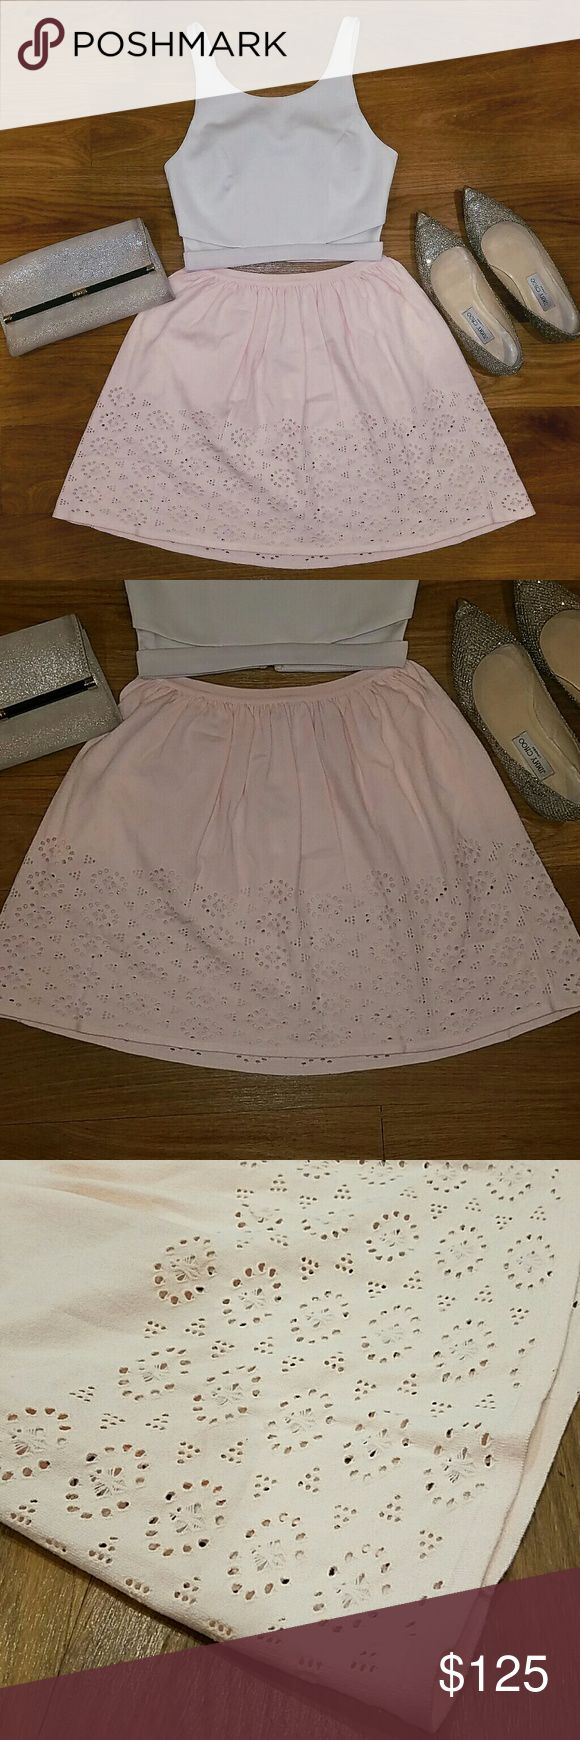 17 Best ideas about Light Pink Skirt on Pinterest | Midi ...